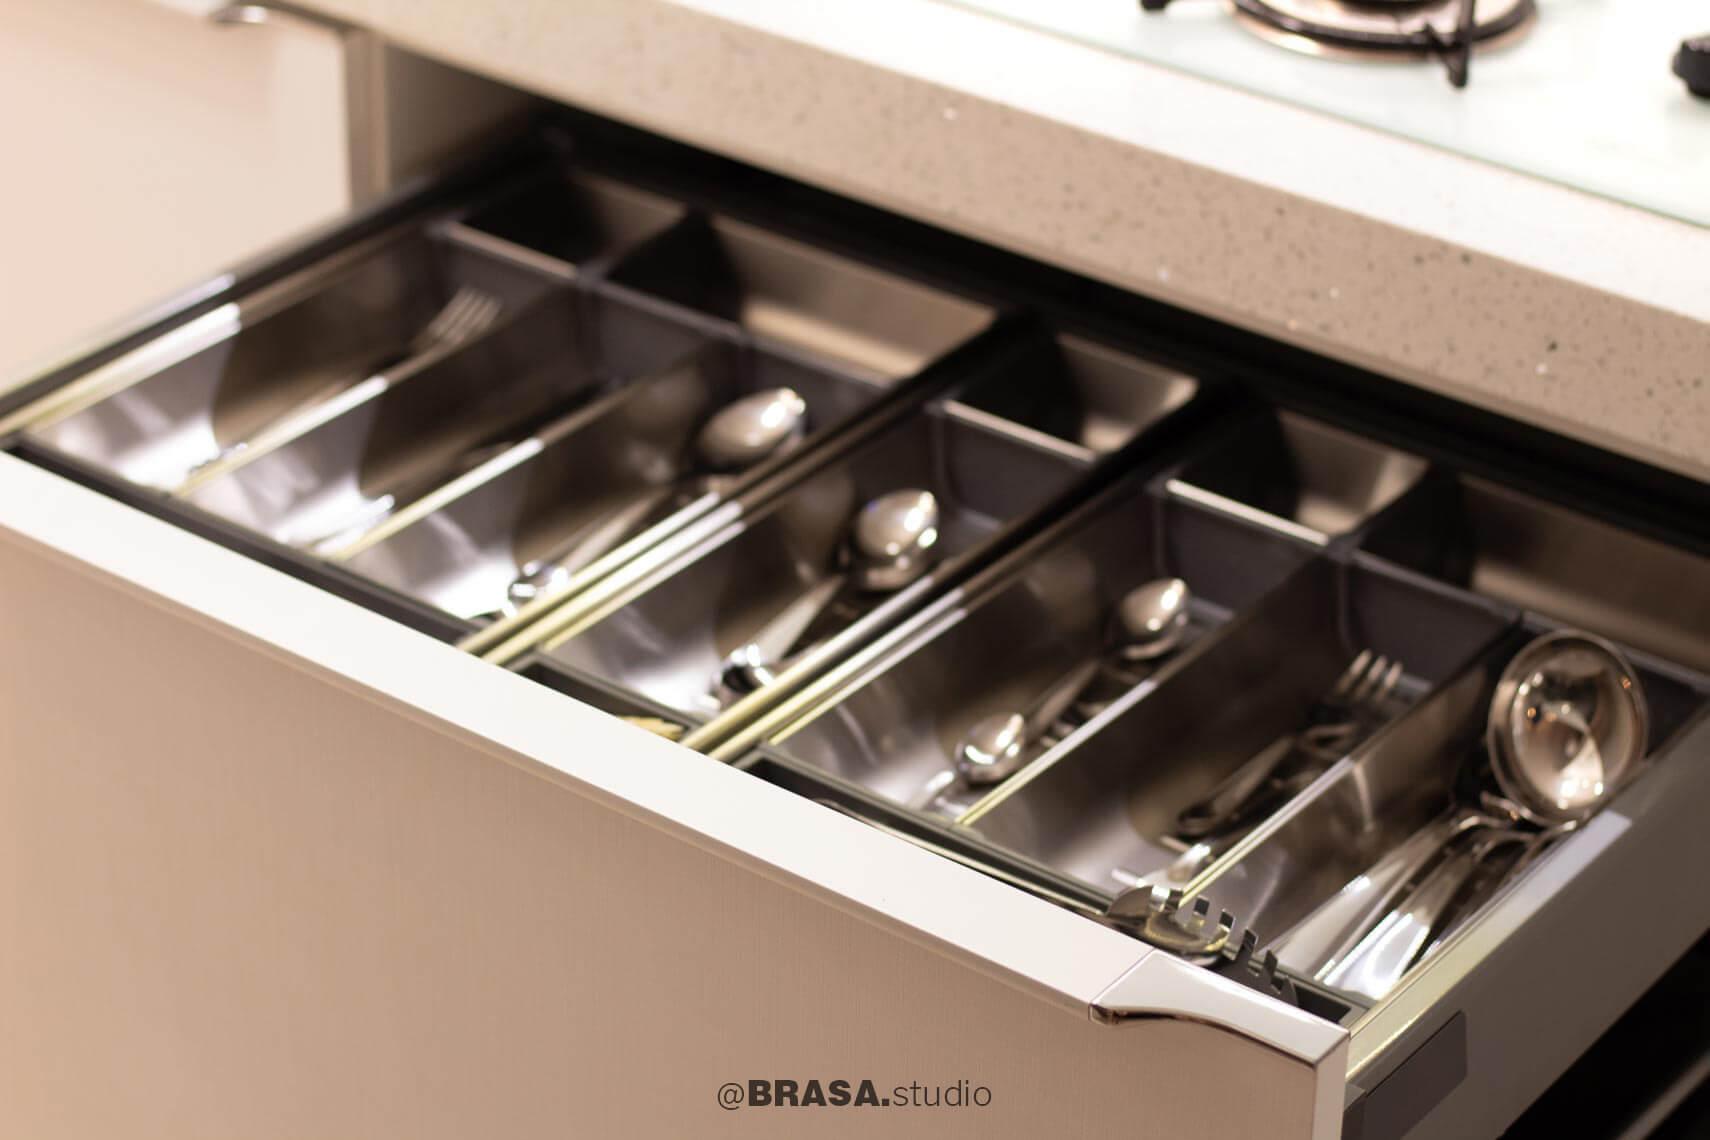 Projeto de interiores de apartamento, fotografia da cozinha, detalhe da gaveta de talheres - BRASA studio